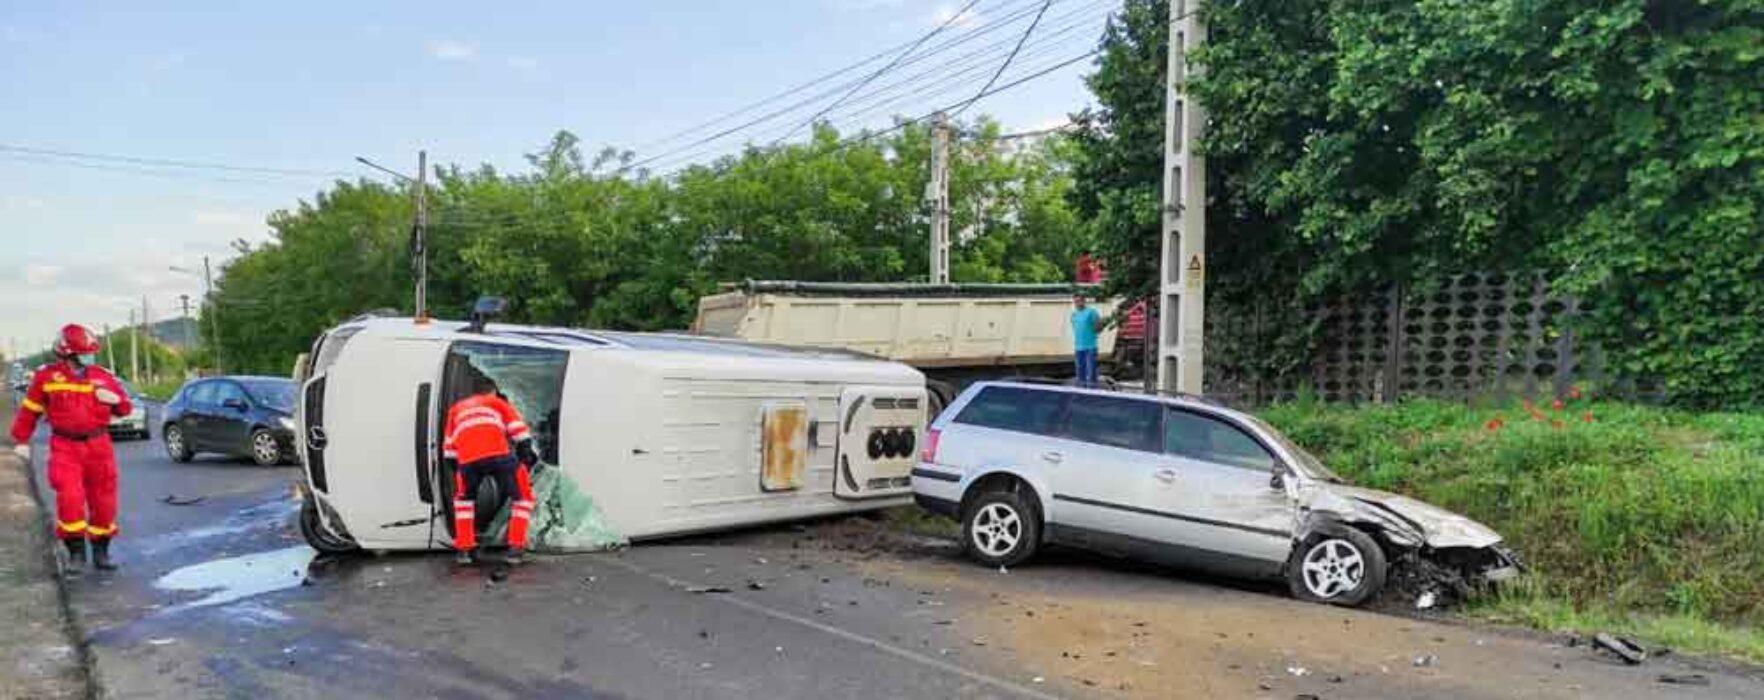 Dâmboviţa: Microbuz în care se aflau copii implicat într-un accident; doi adulţi decedaţi şi 5 copii răniţi